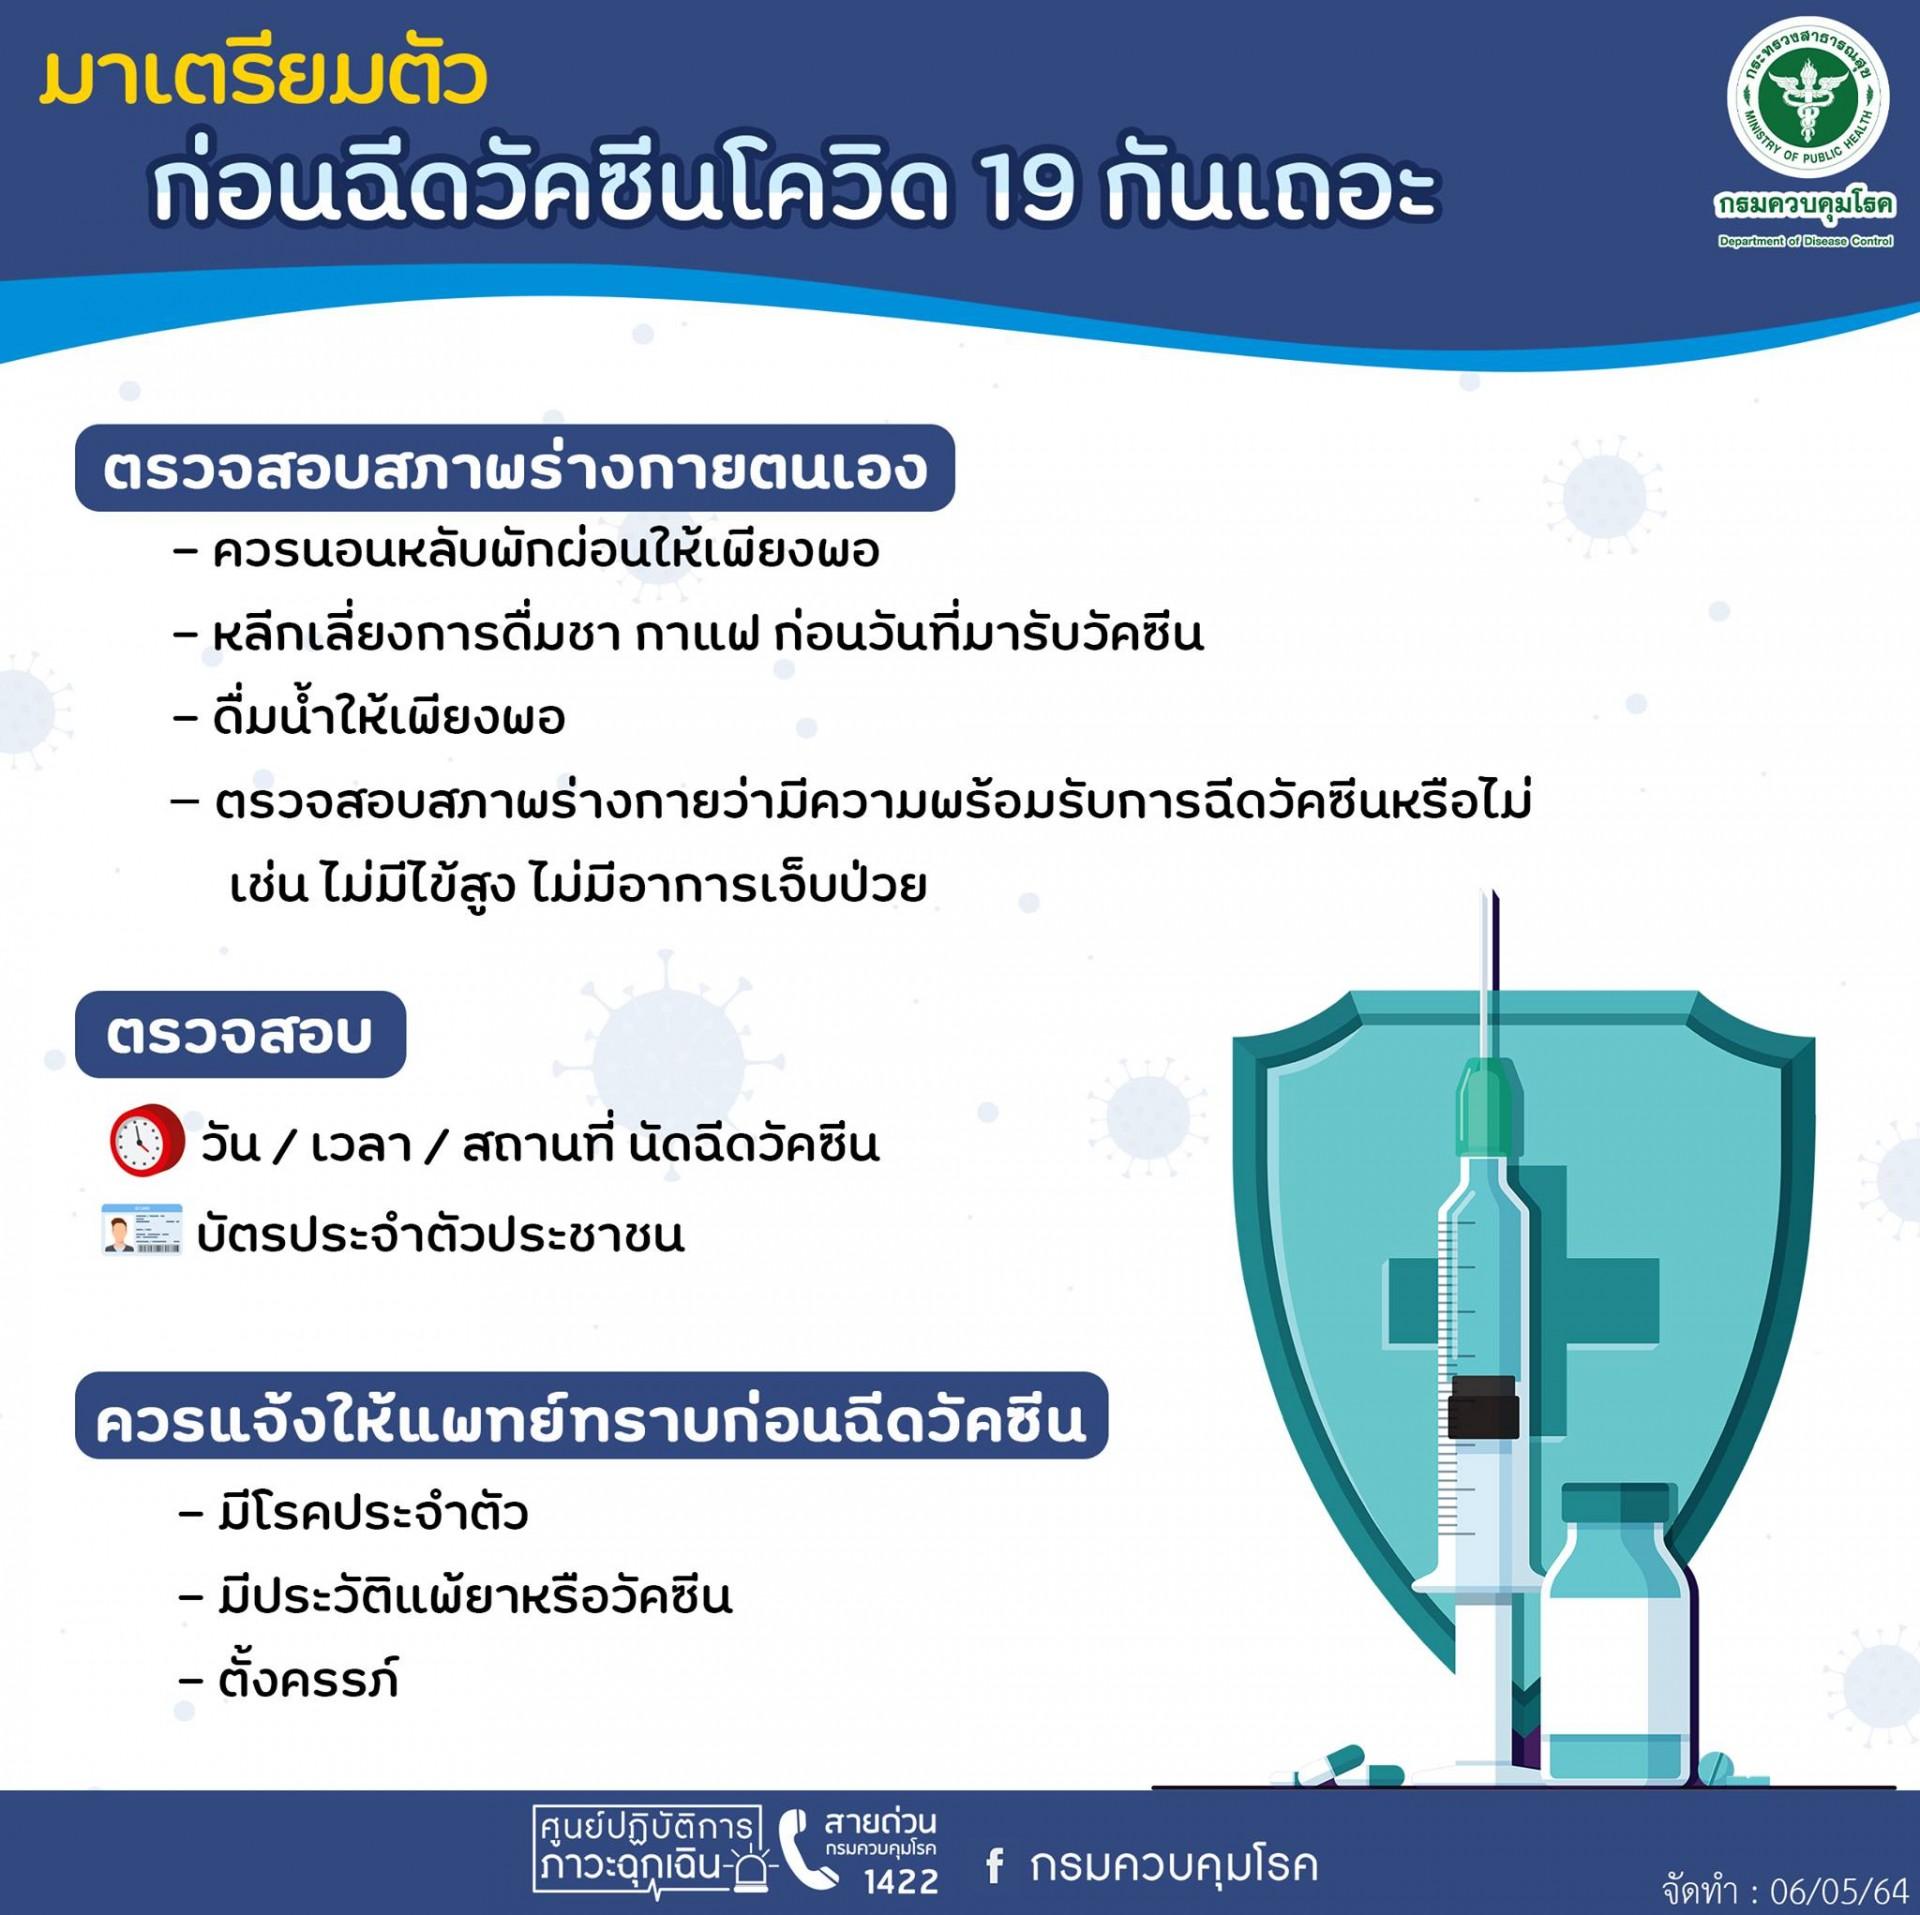 การเตรียมตัวก่อนฉีดวัคซีนโควิด 19 !!